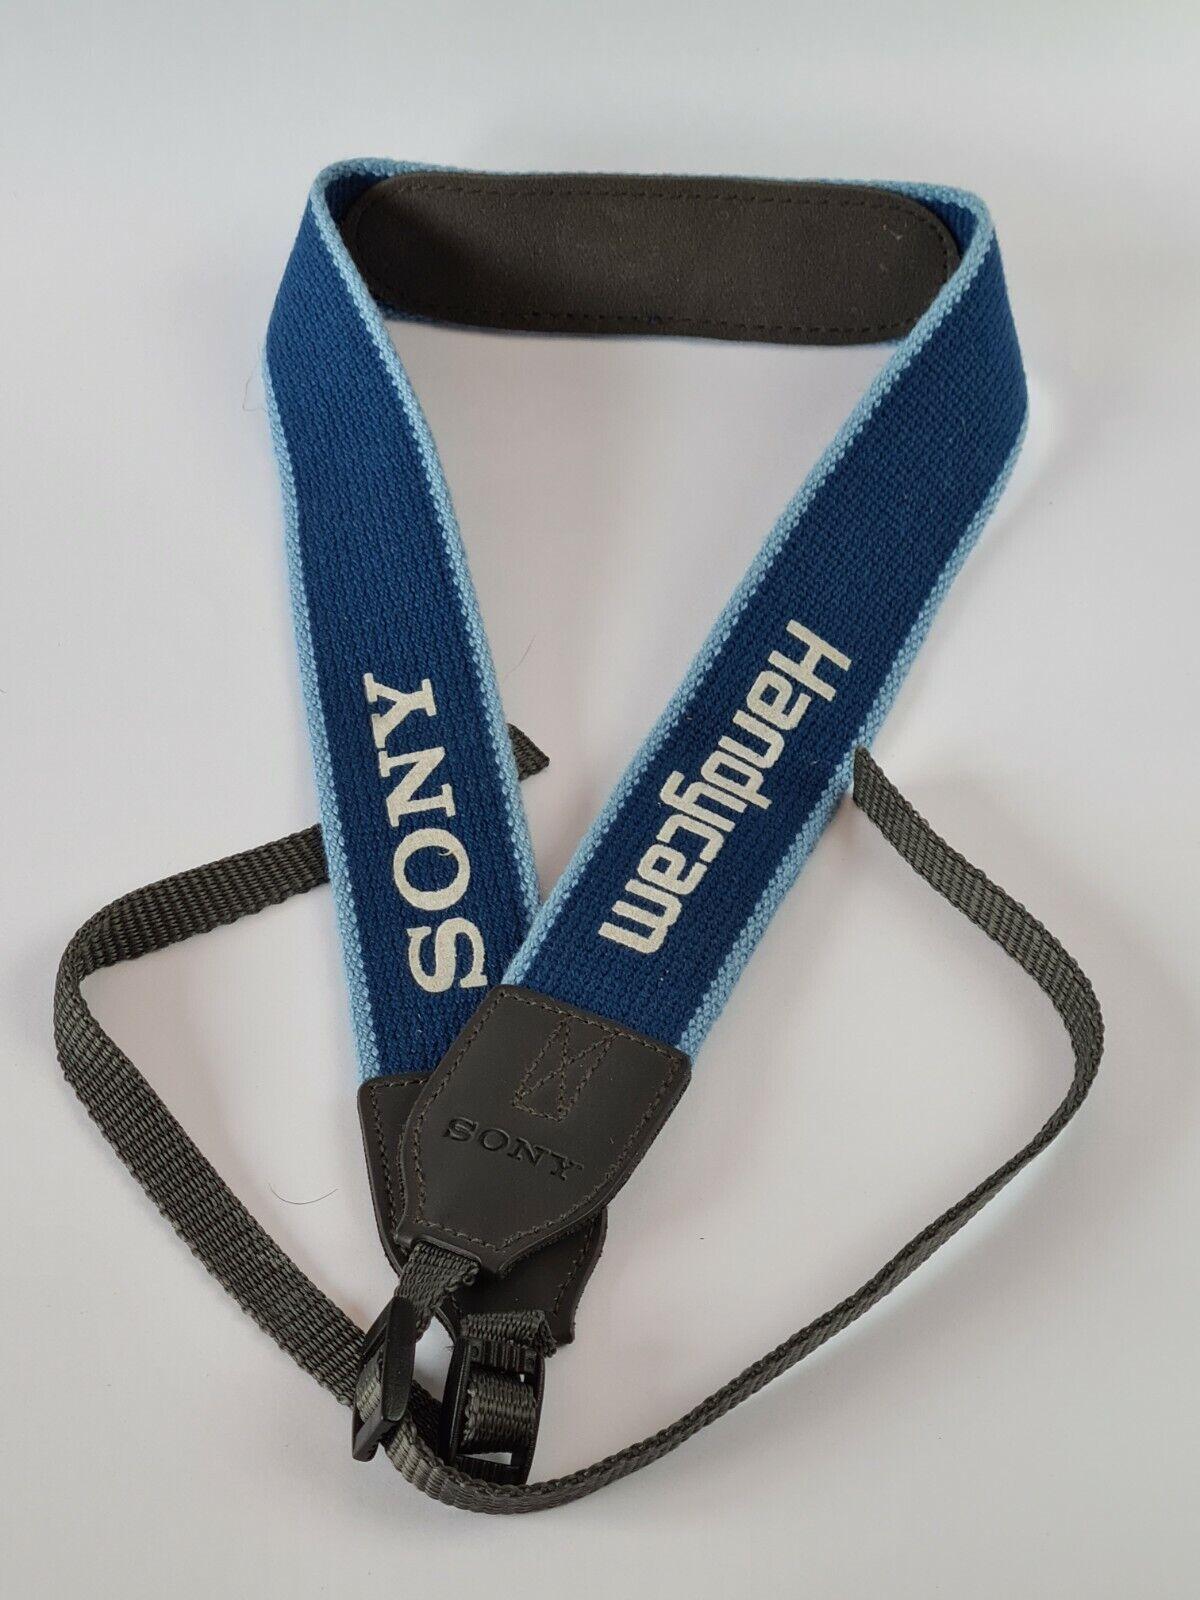 Sony Handycam Camcorder Camera Neck Shoulder Strap In Very Good Condition